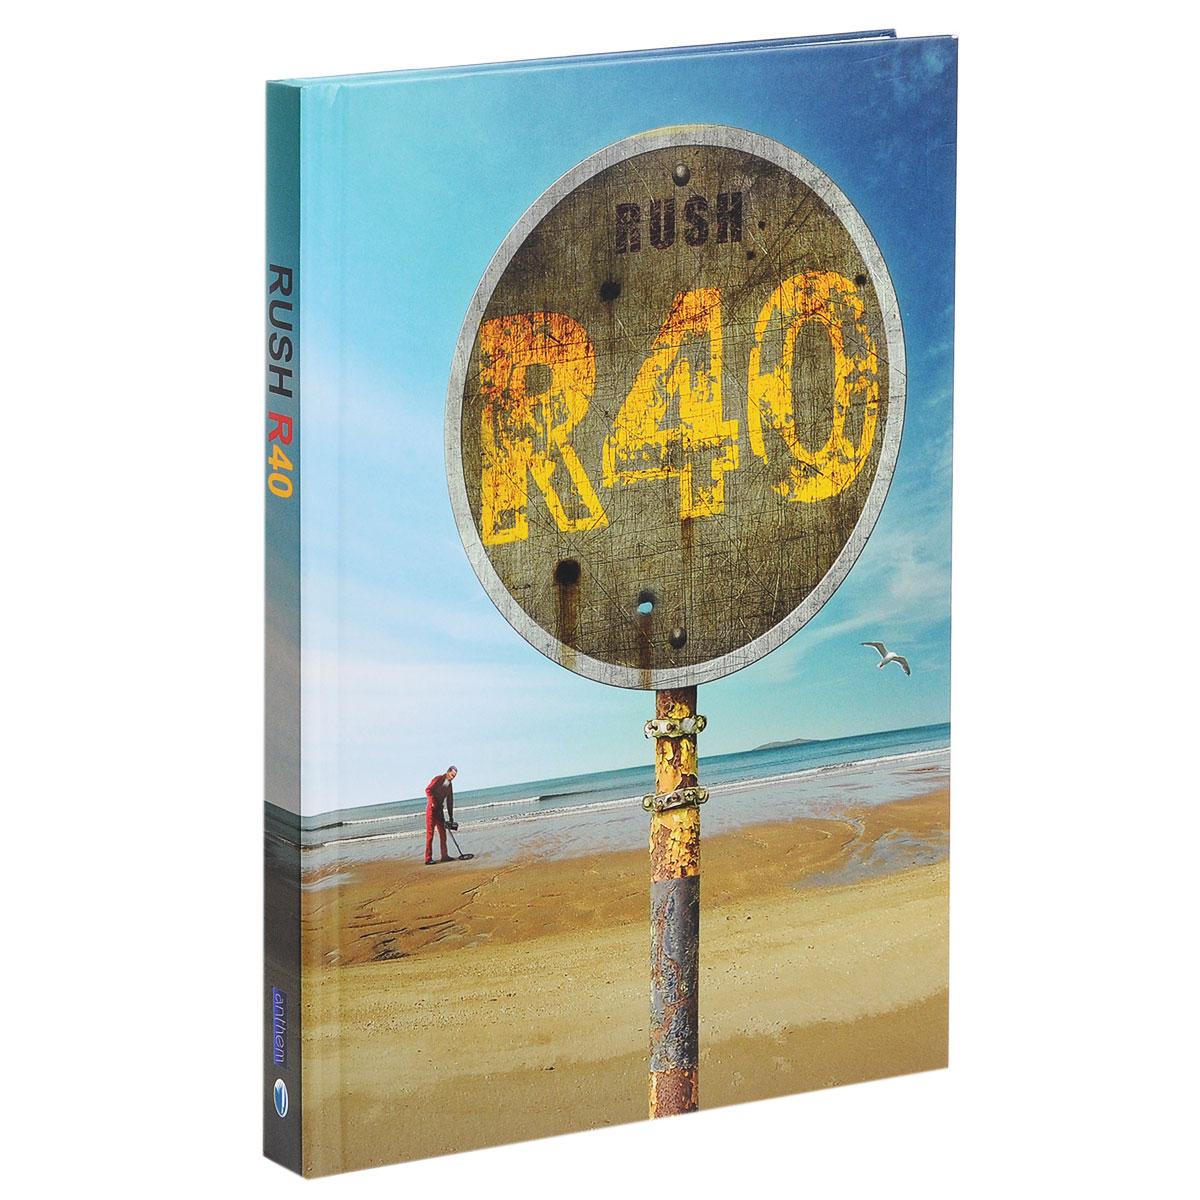 Rush. R40 (10 DVD)